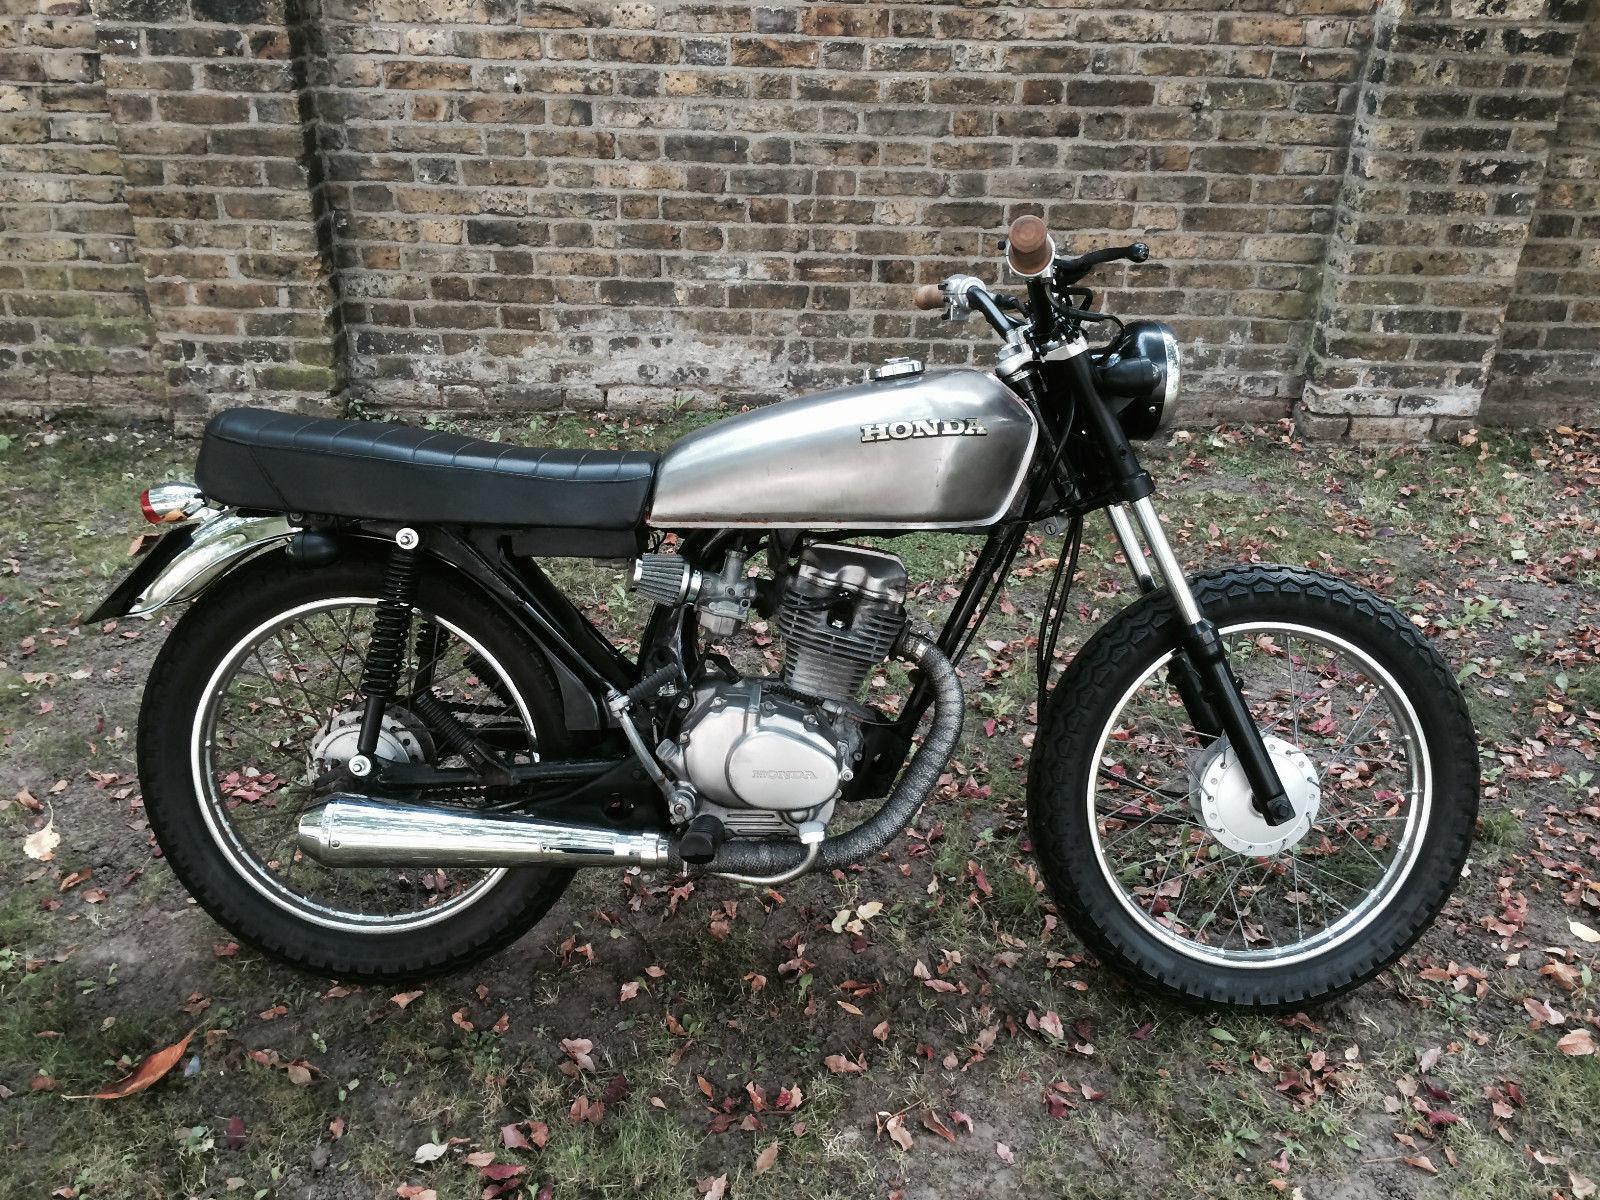 Honda Bullet Bike >> Honda CG125